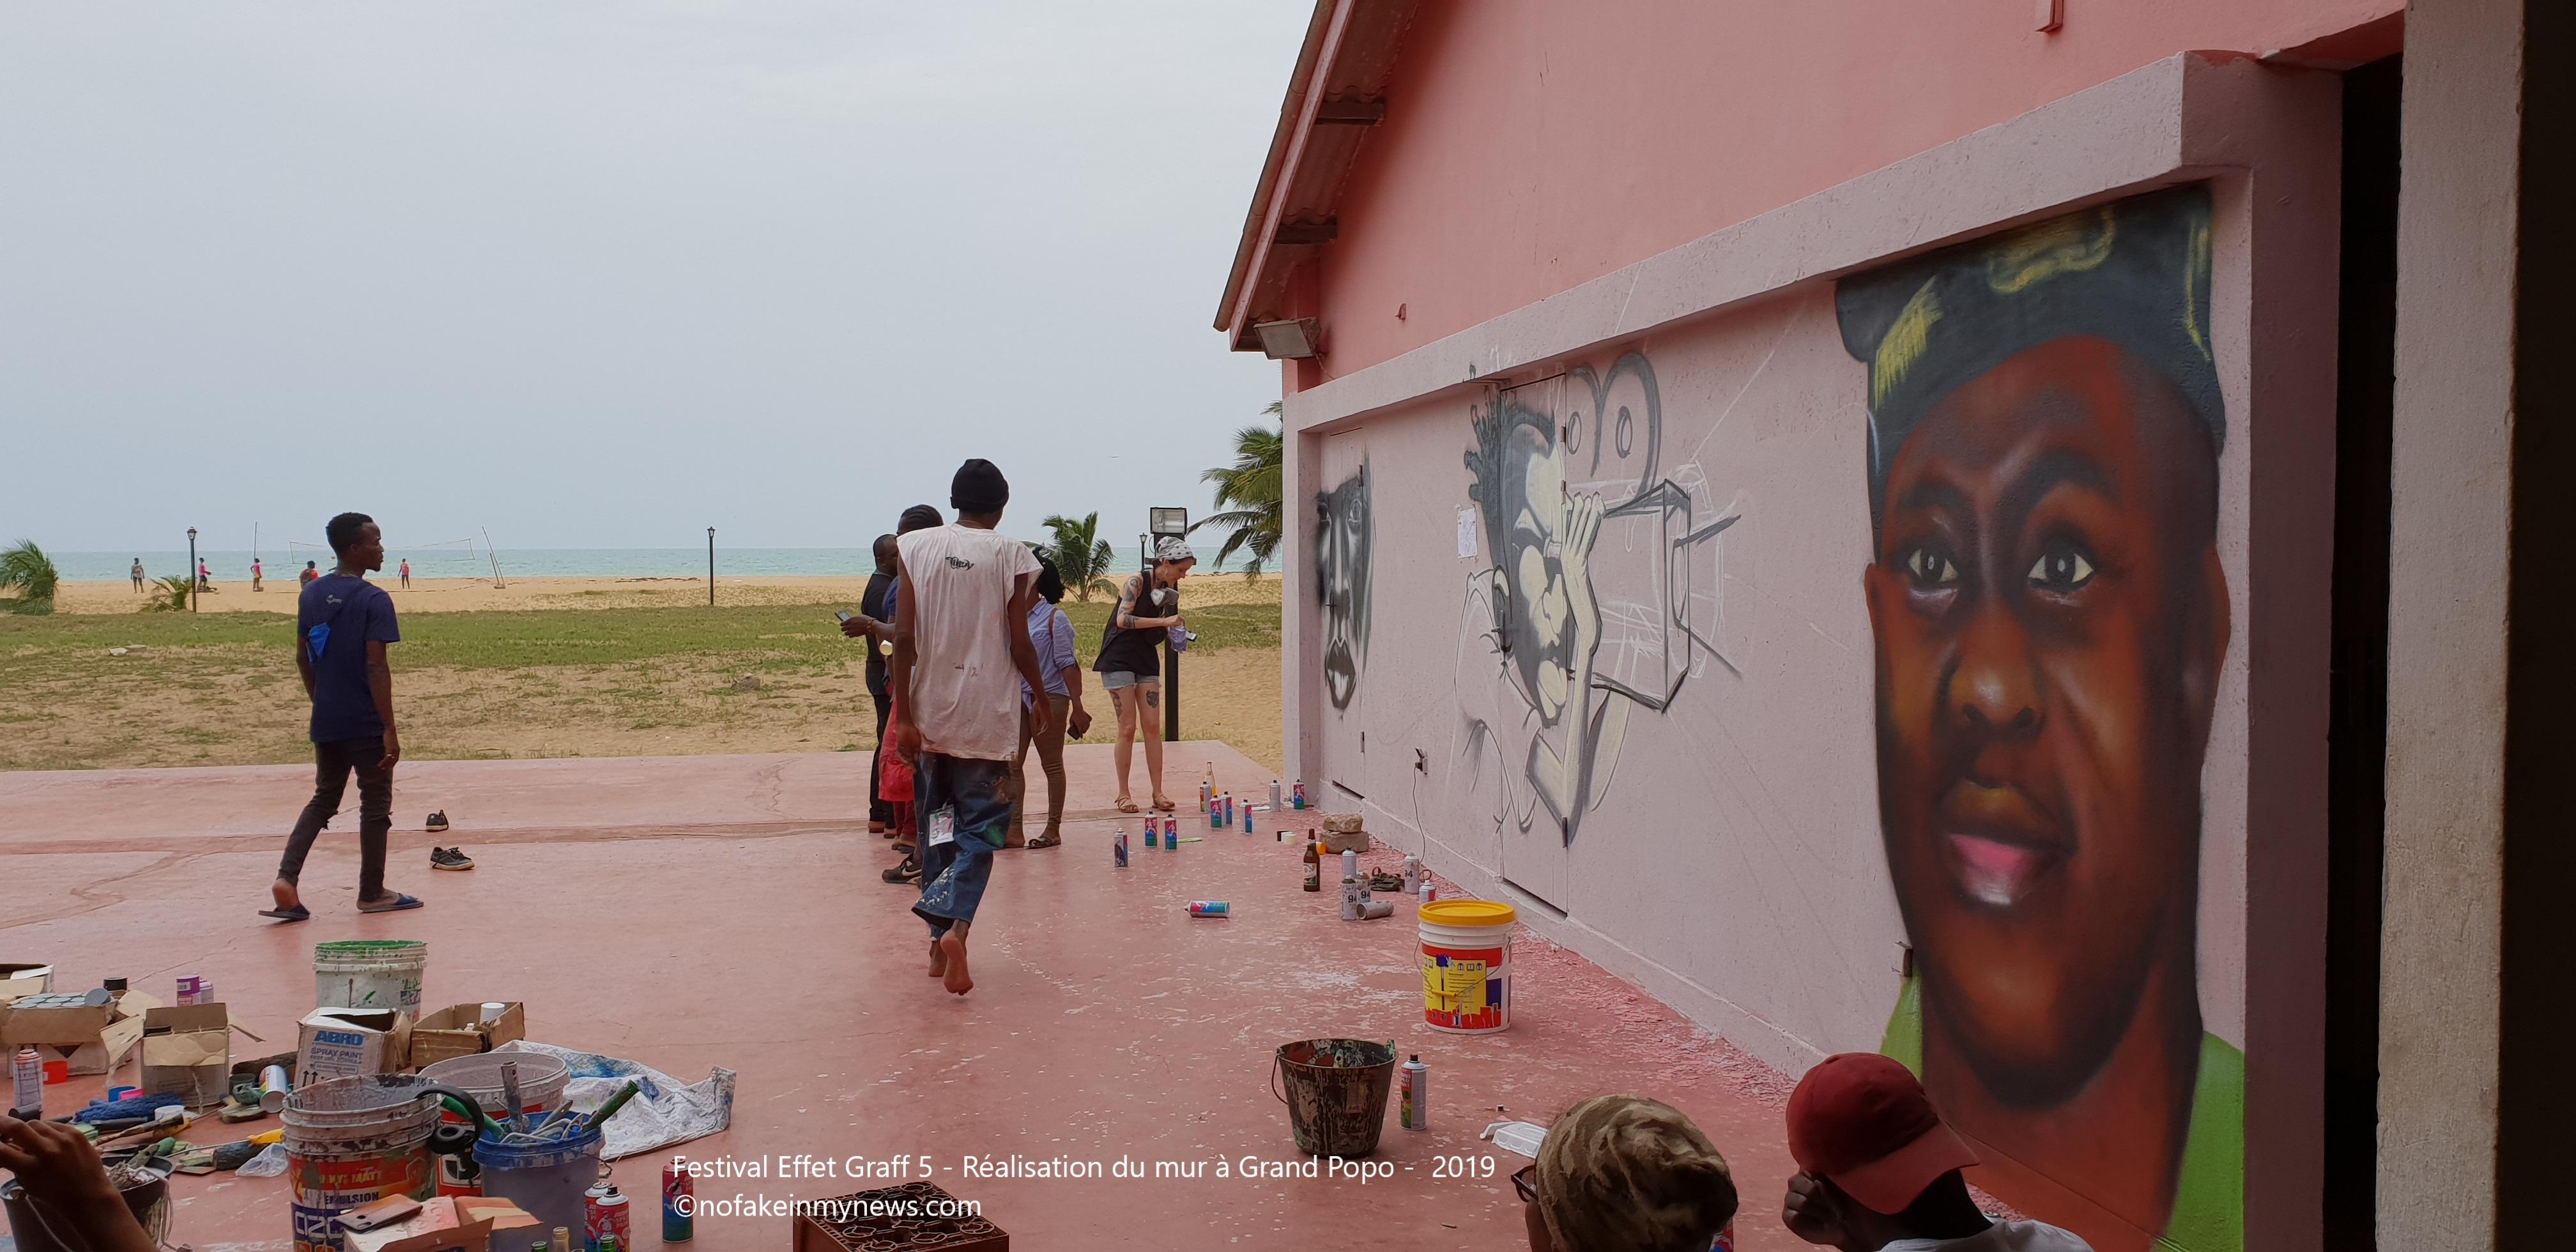 Festival Effet Graff 5 - Réalisation du mur à Grand Popo - 2019 - ©nofakeinmynews